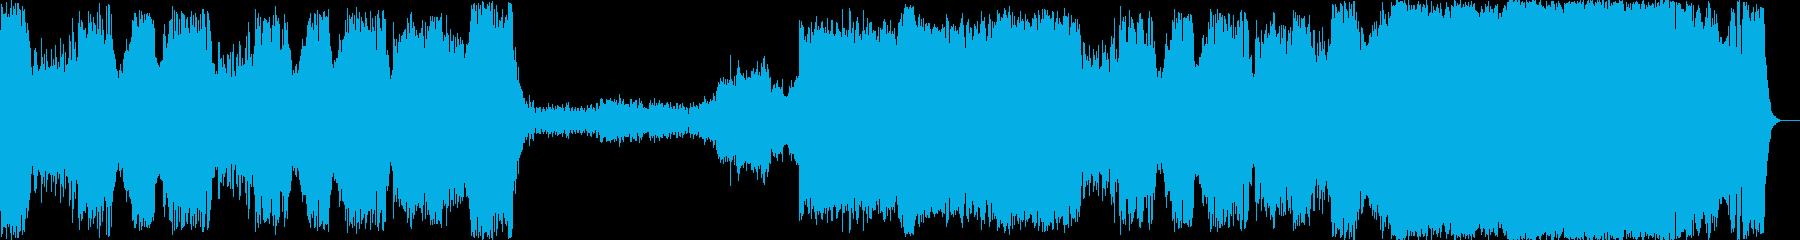 エドワードエルガーが作曲した行進曲の再生済みの波形